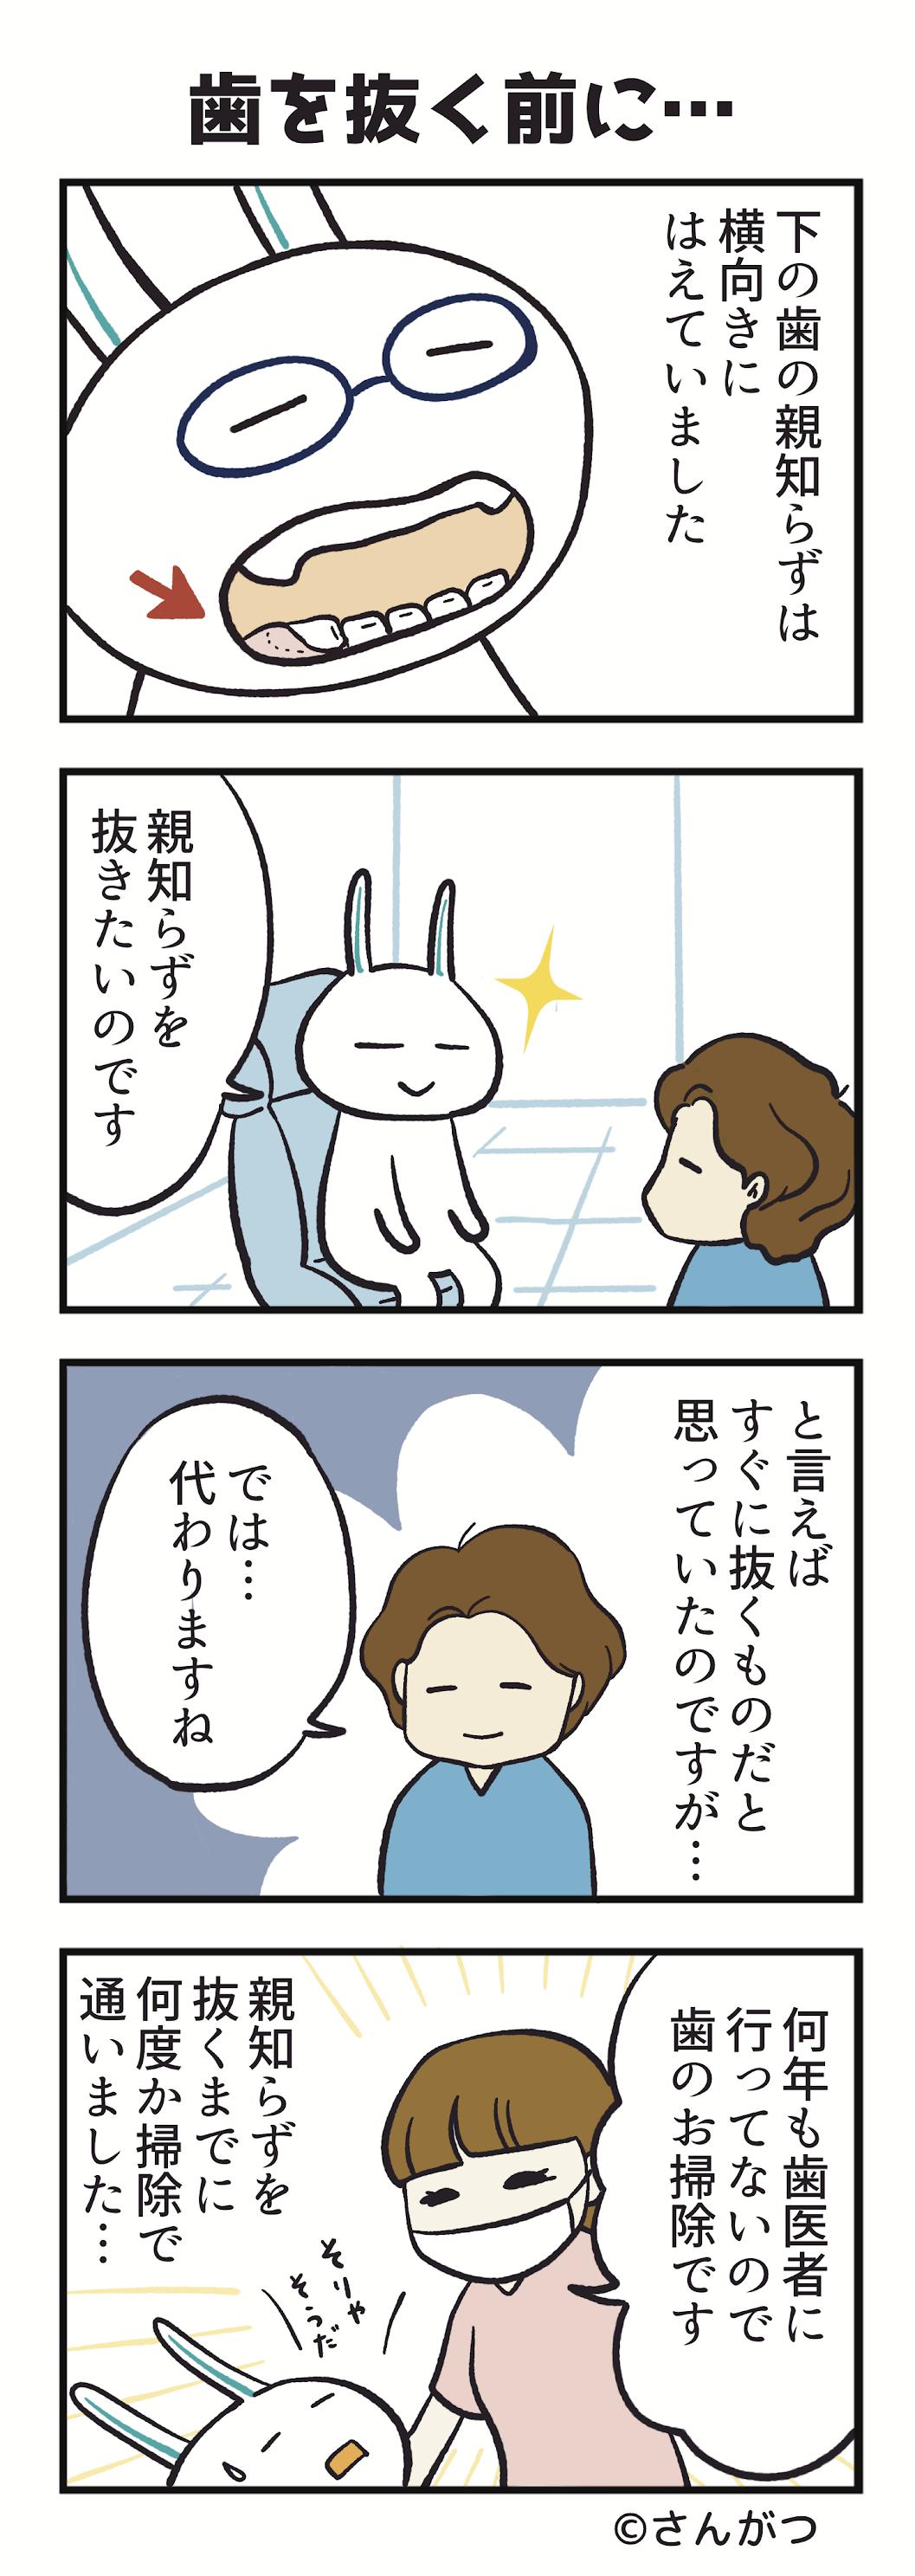 歯科矯正の漫画5「親知らずの抜歯・・・の前に編」